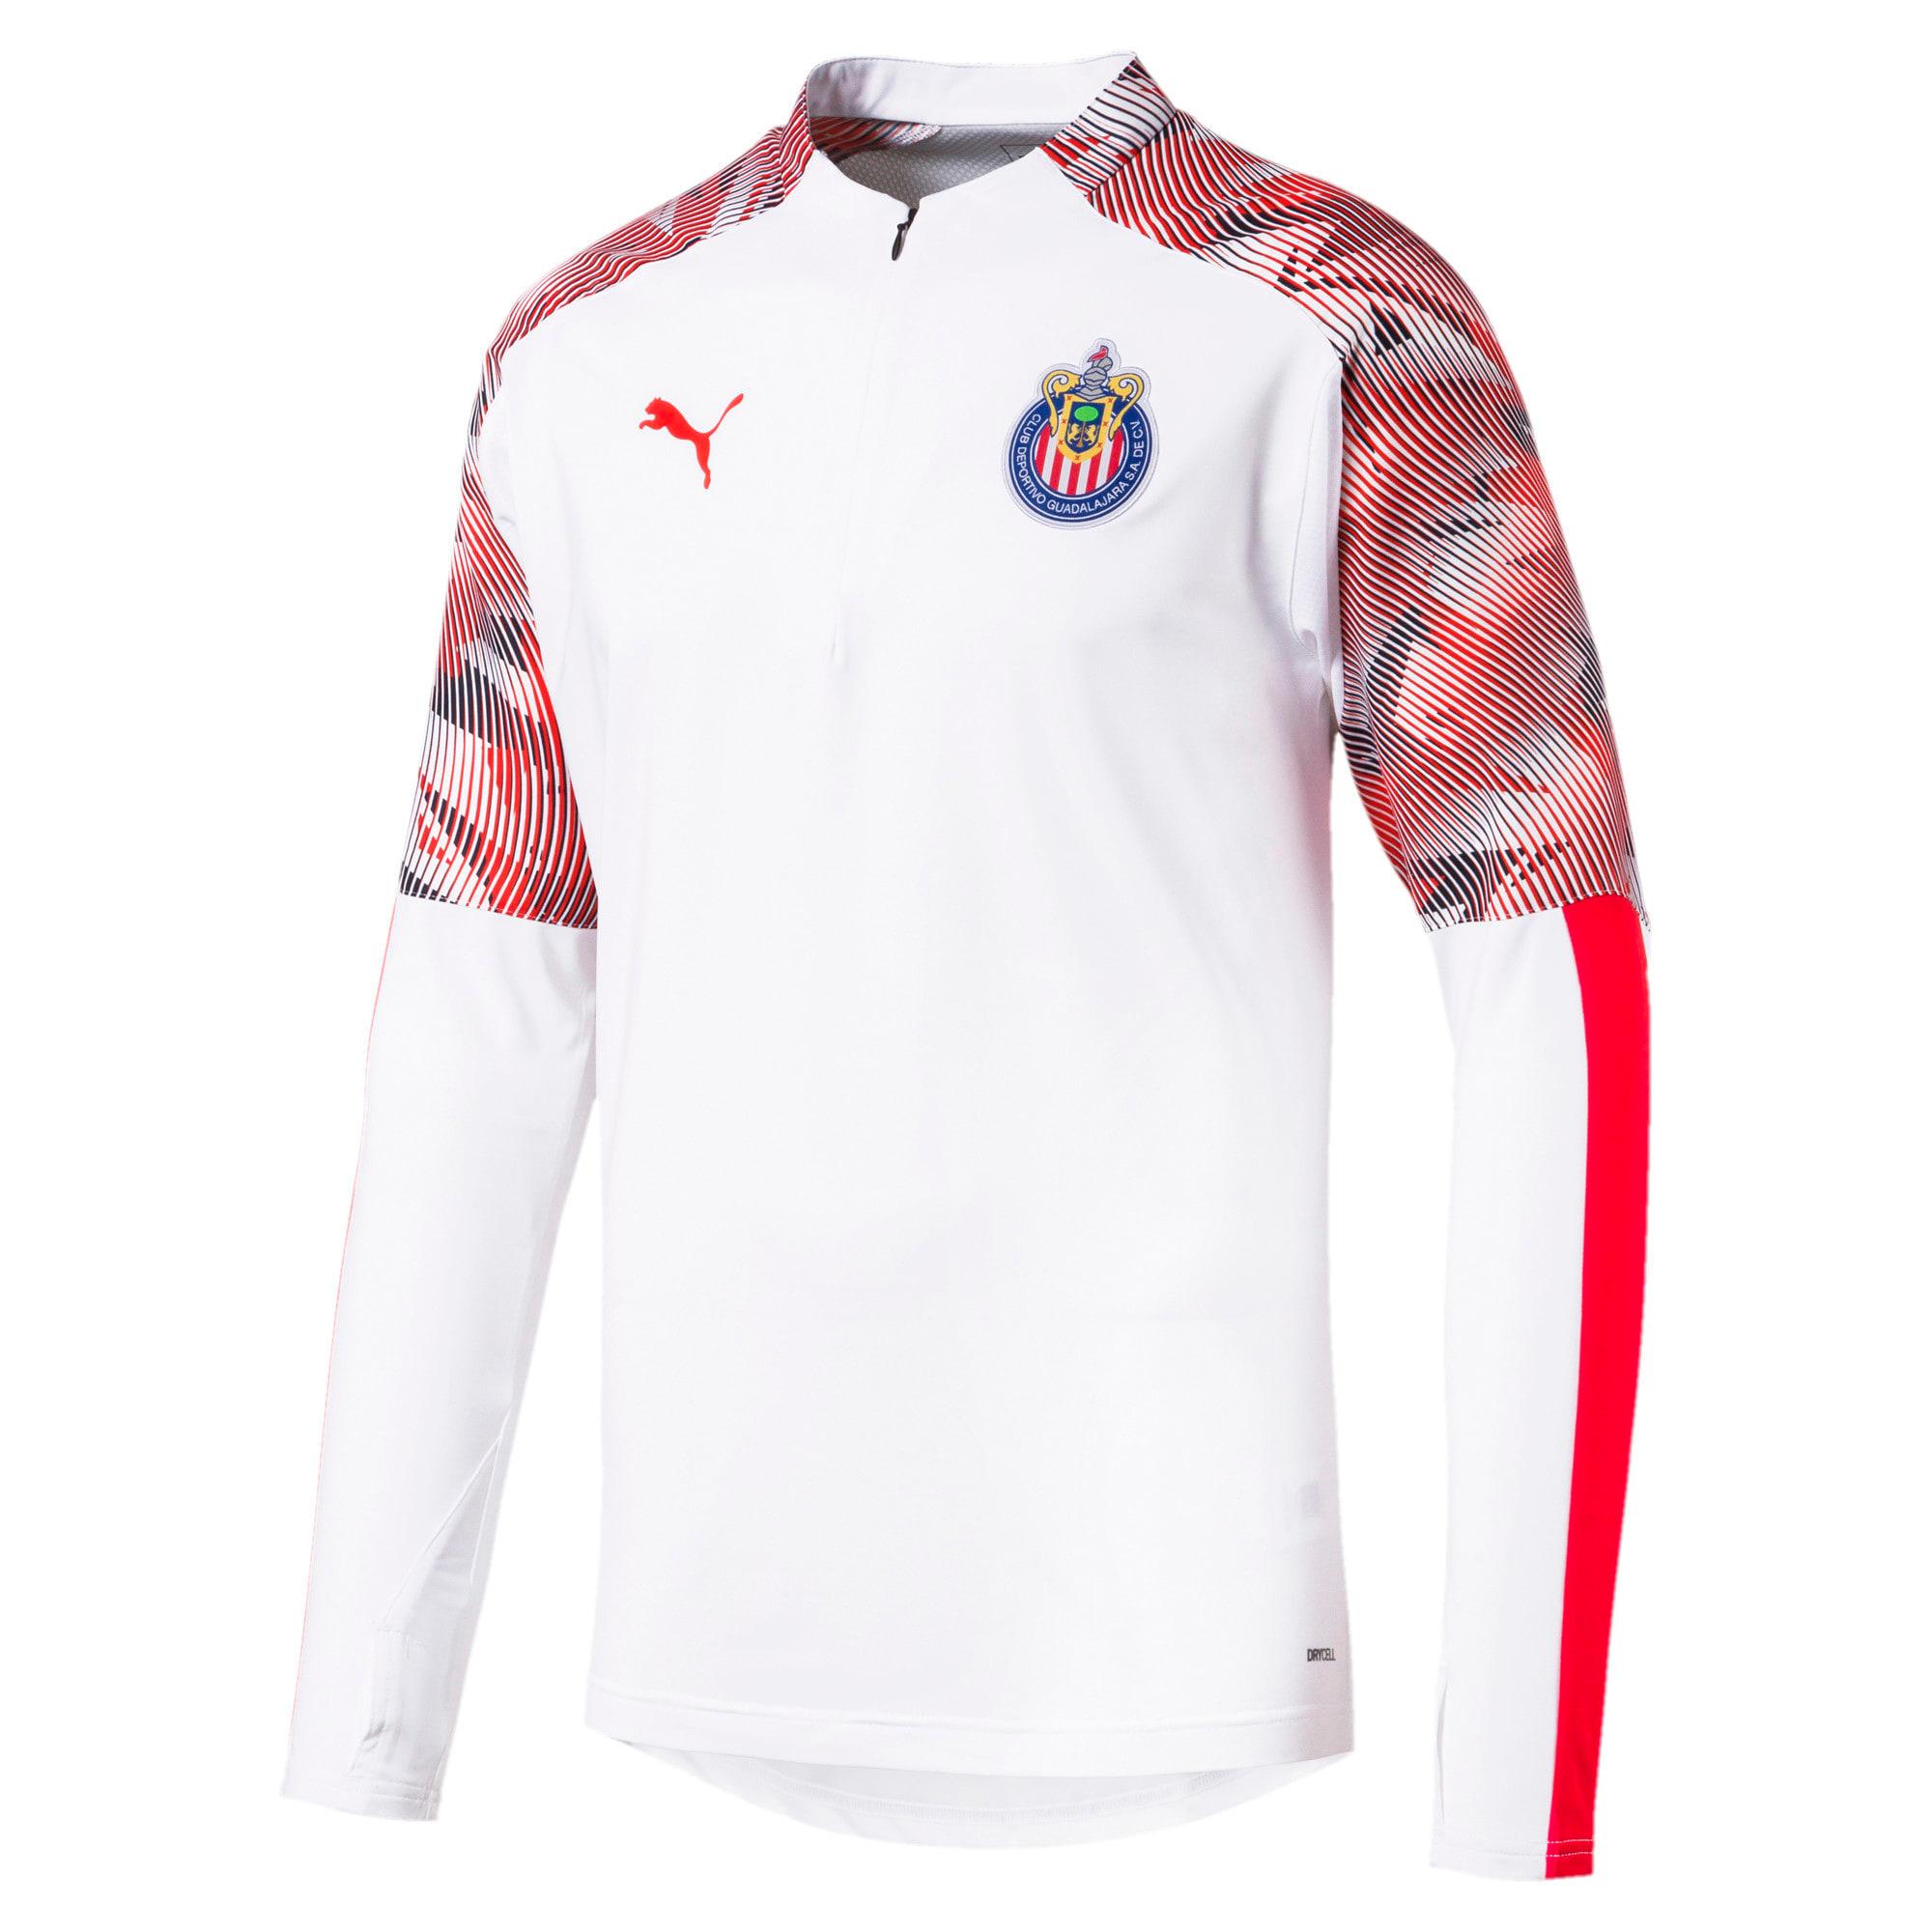 Thumbnail 1 of Chivas Men's Quarter Zip Top, Puma White-Puma Red, medium